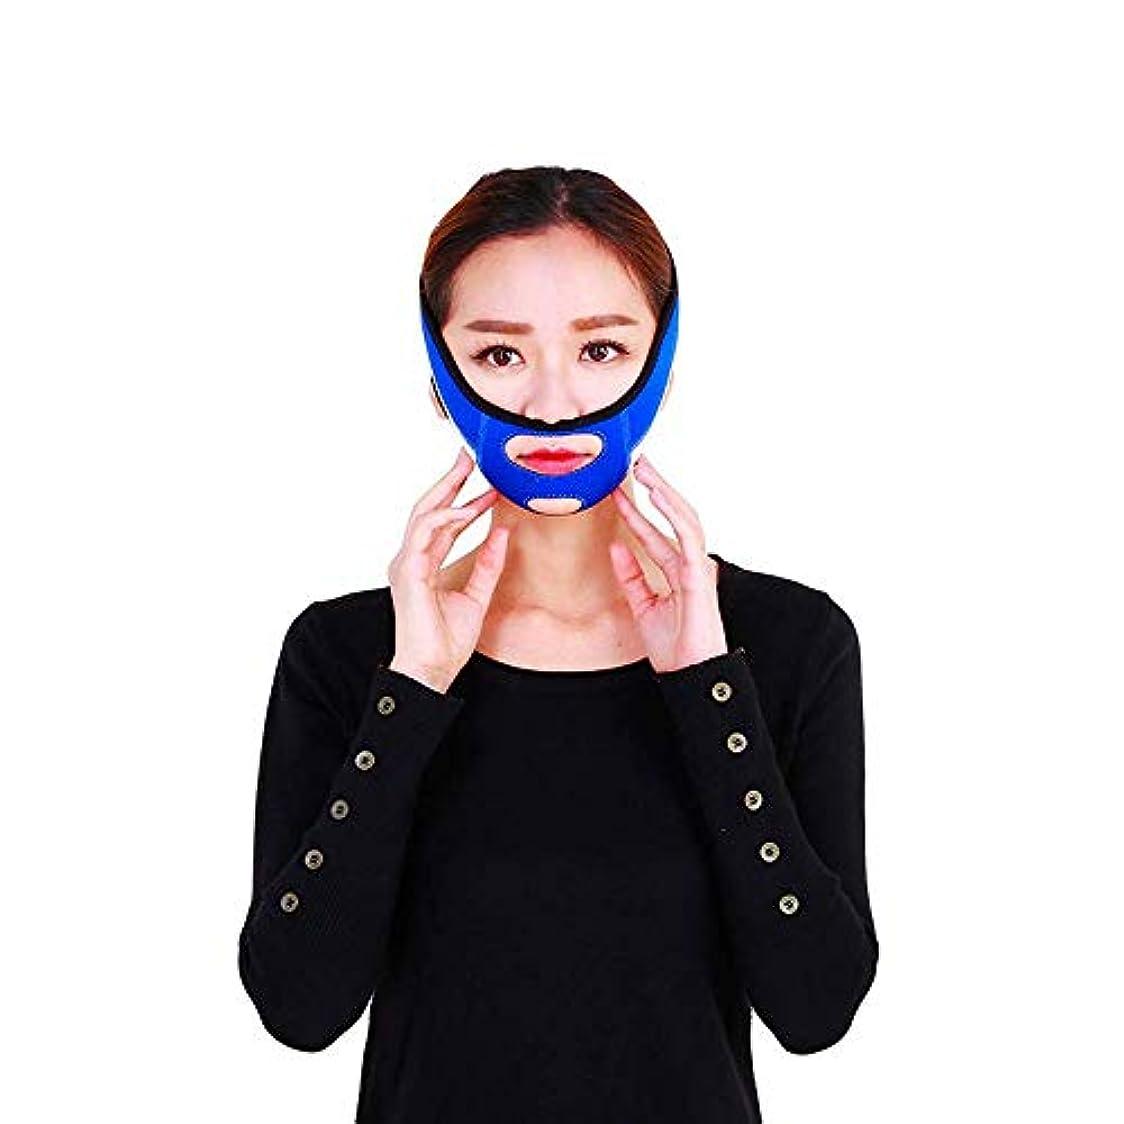 必要条件つかむ硬さ二重顎顔面矯正ツールであるフェースシェイプドマスクVfaceアーチファクトを強力に強化する包帯